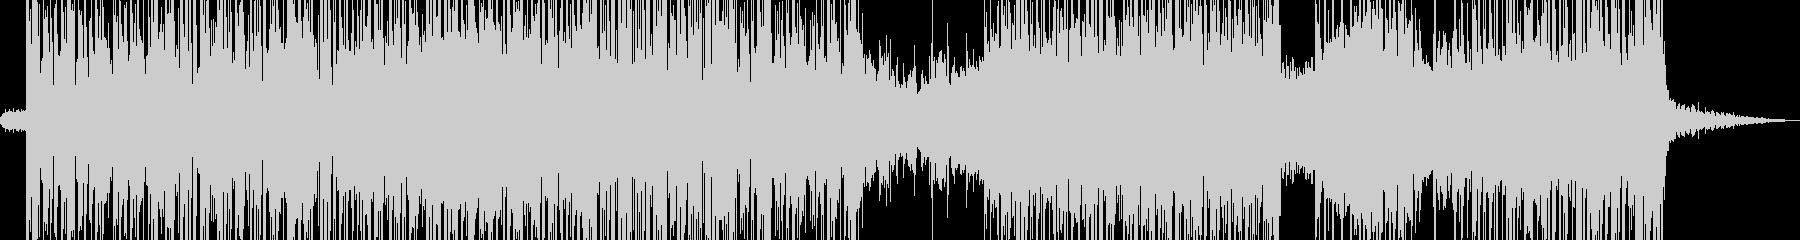 アジト・無機質なアグレッシブビート Aの未再生の波形